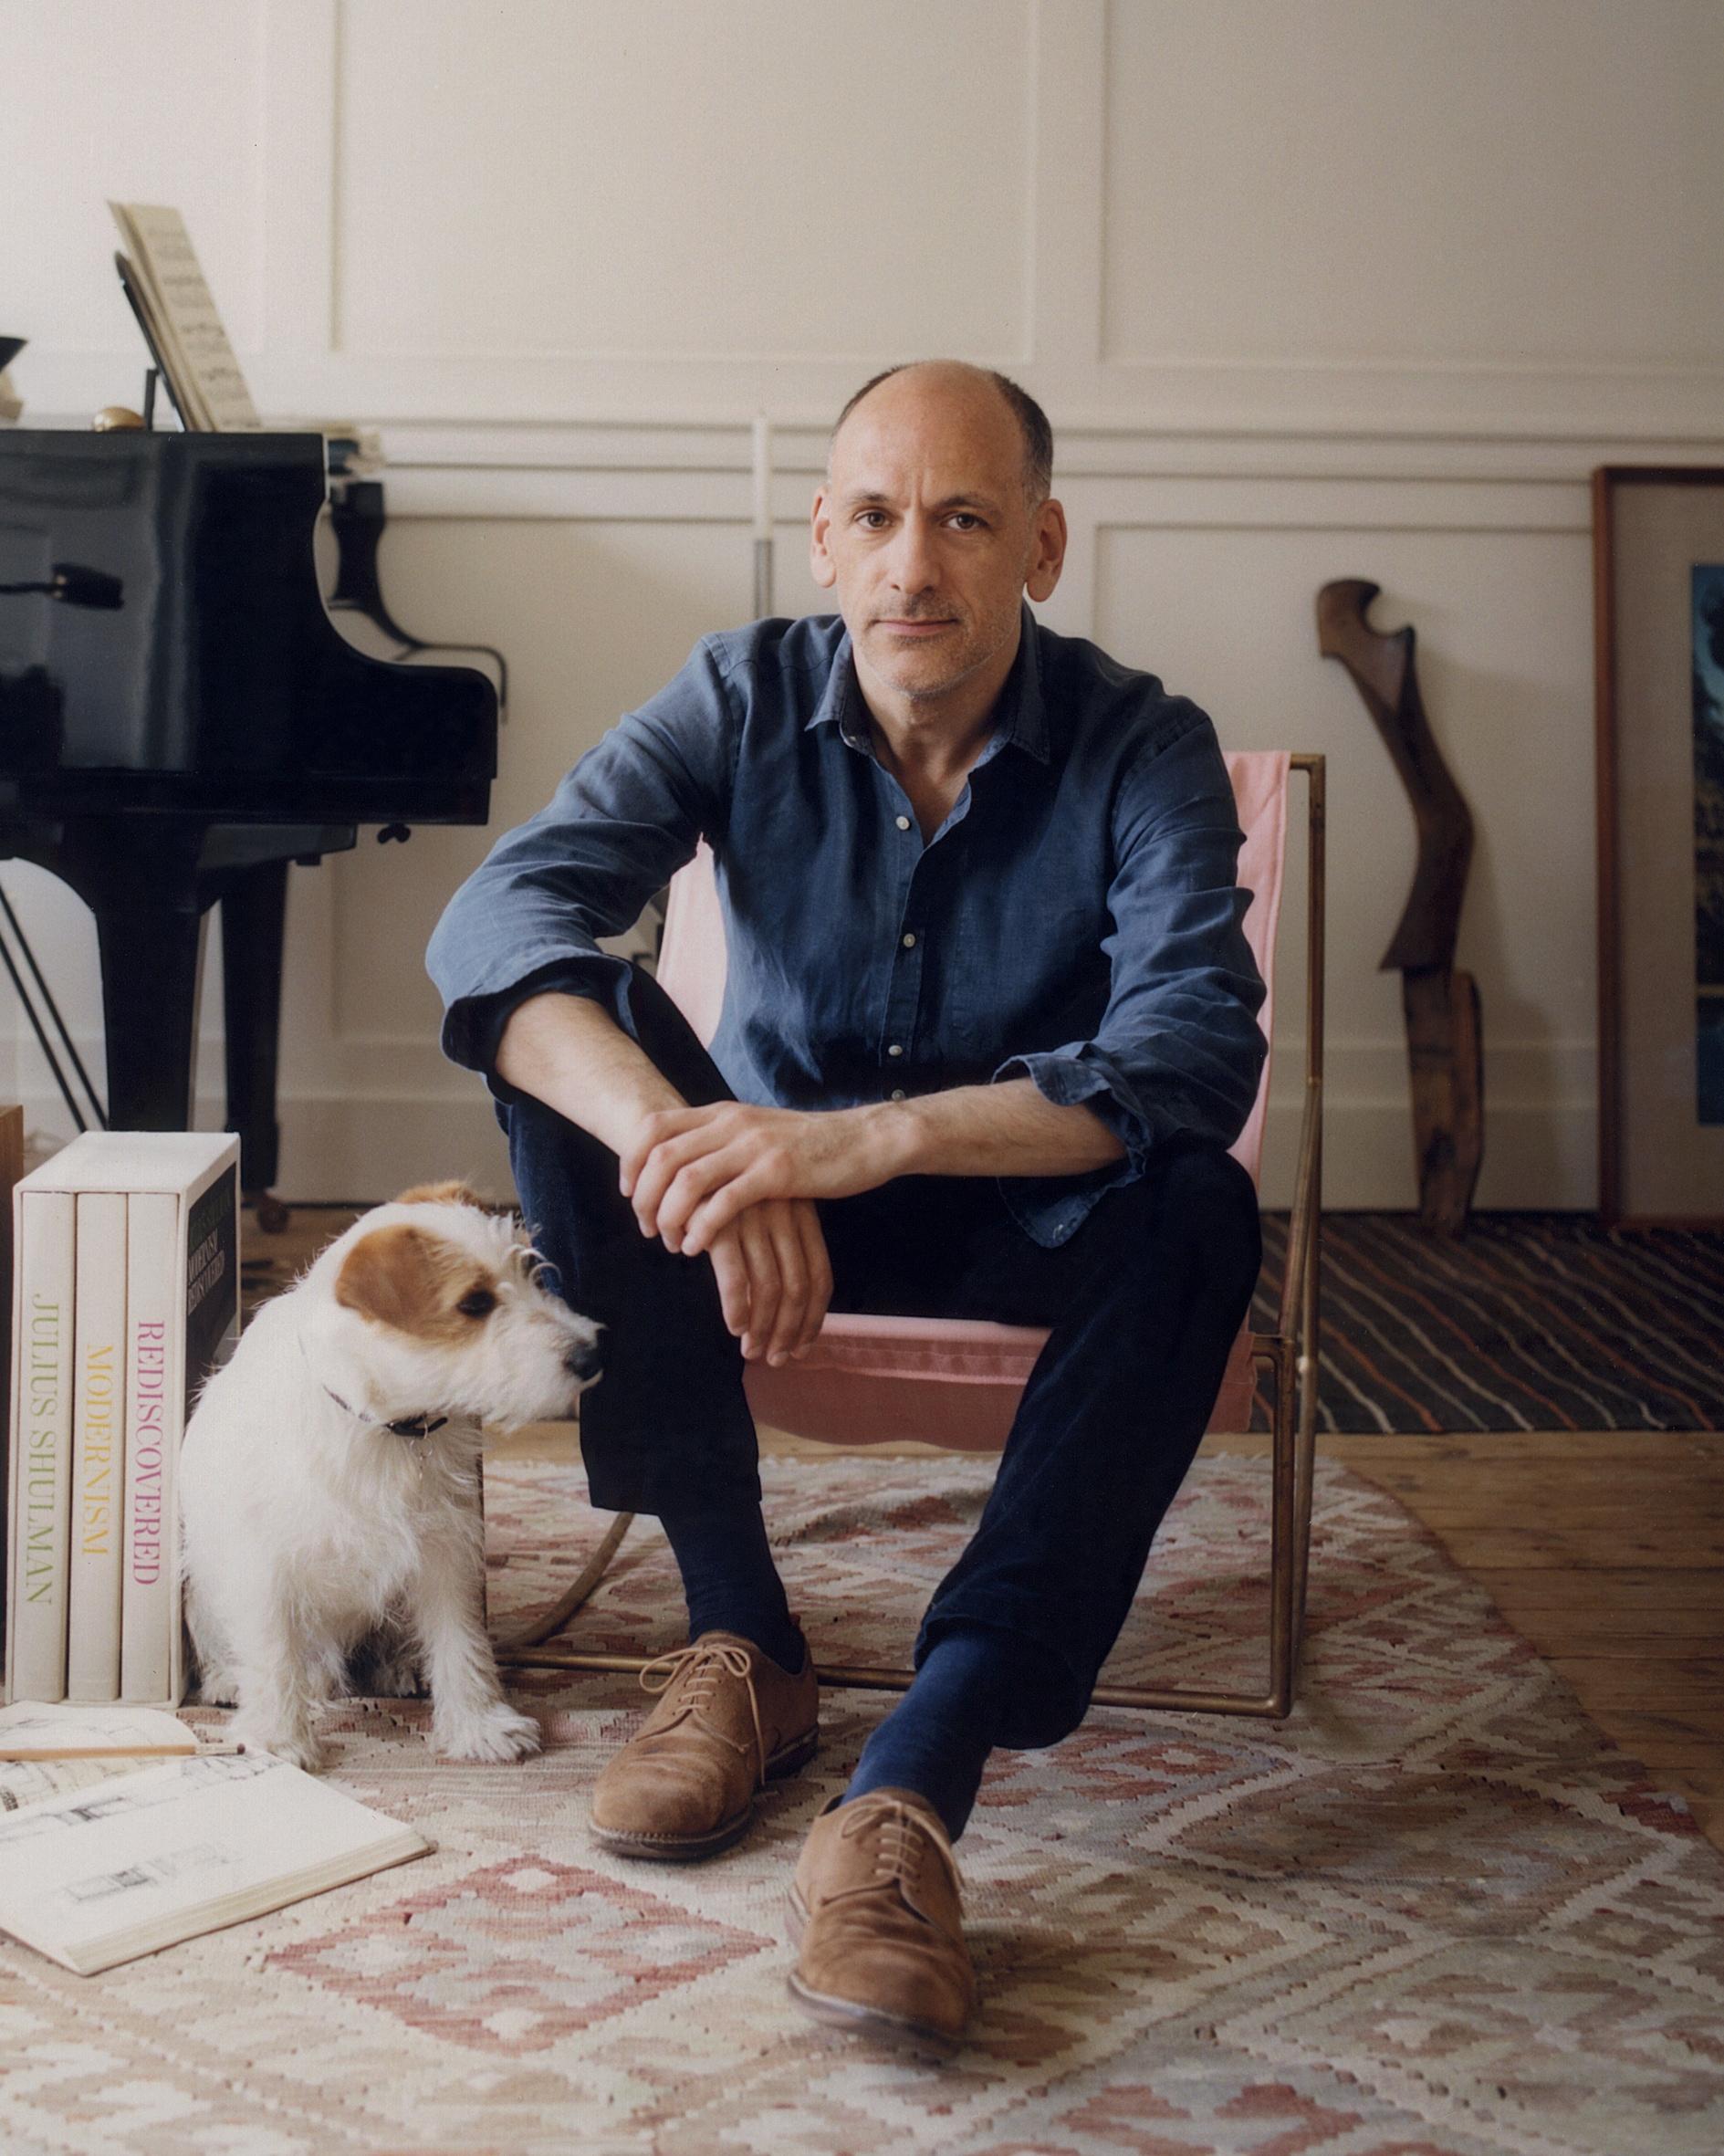 L'architetto William Smalley da bambino aveva paura dei cani. «M'inseguivano sempre quando andavo in bici», ricorda. «Quindi è stata una sorpresa ritrovarmi piacevolmente alle prese con un cucciolo. Dylan è una finestra sul mondo della bellezza».